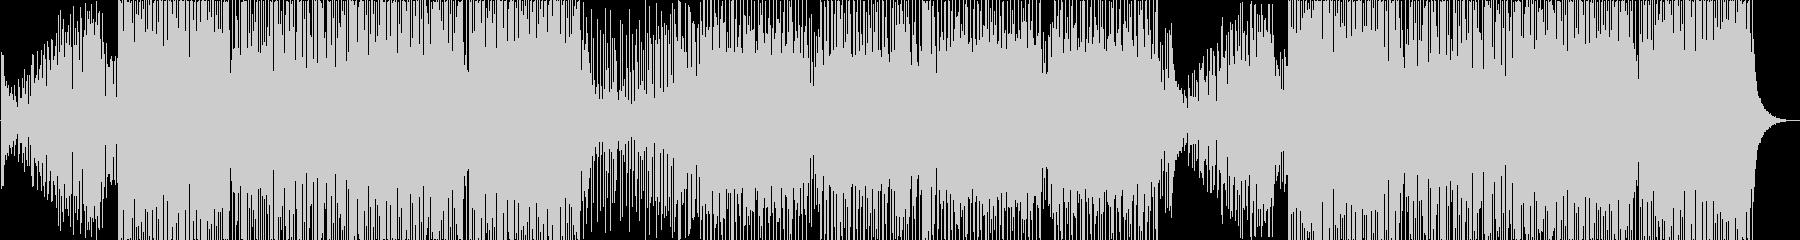 ゆったりしたメロディが楽しいトロピカルハの未再生の波形